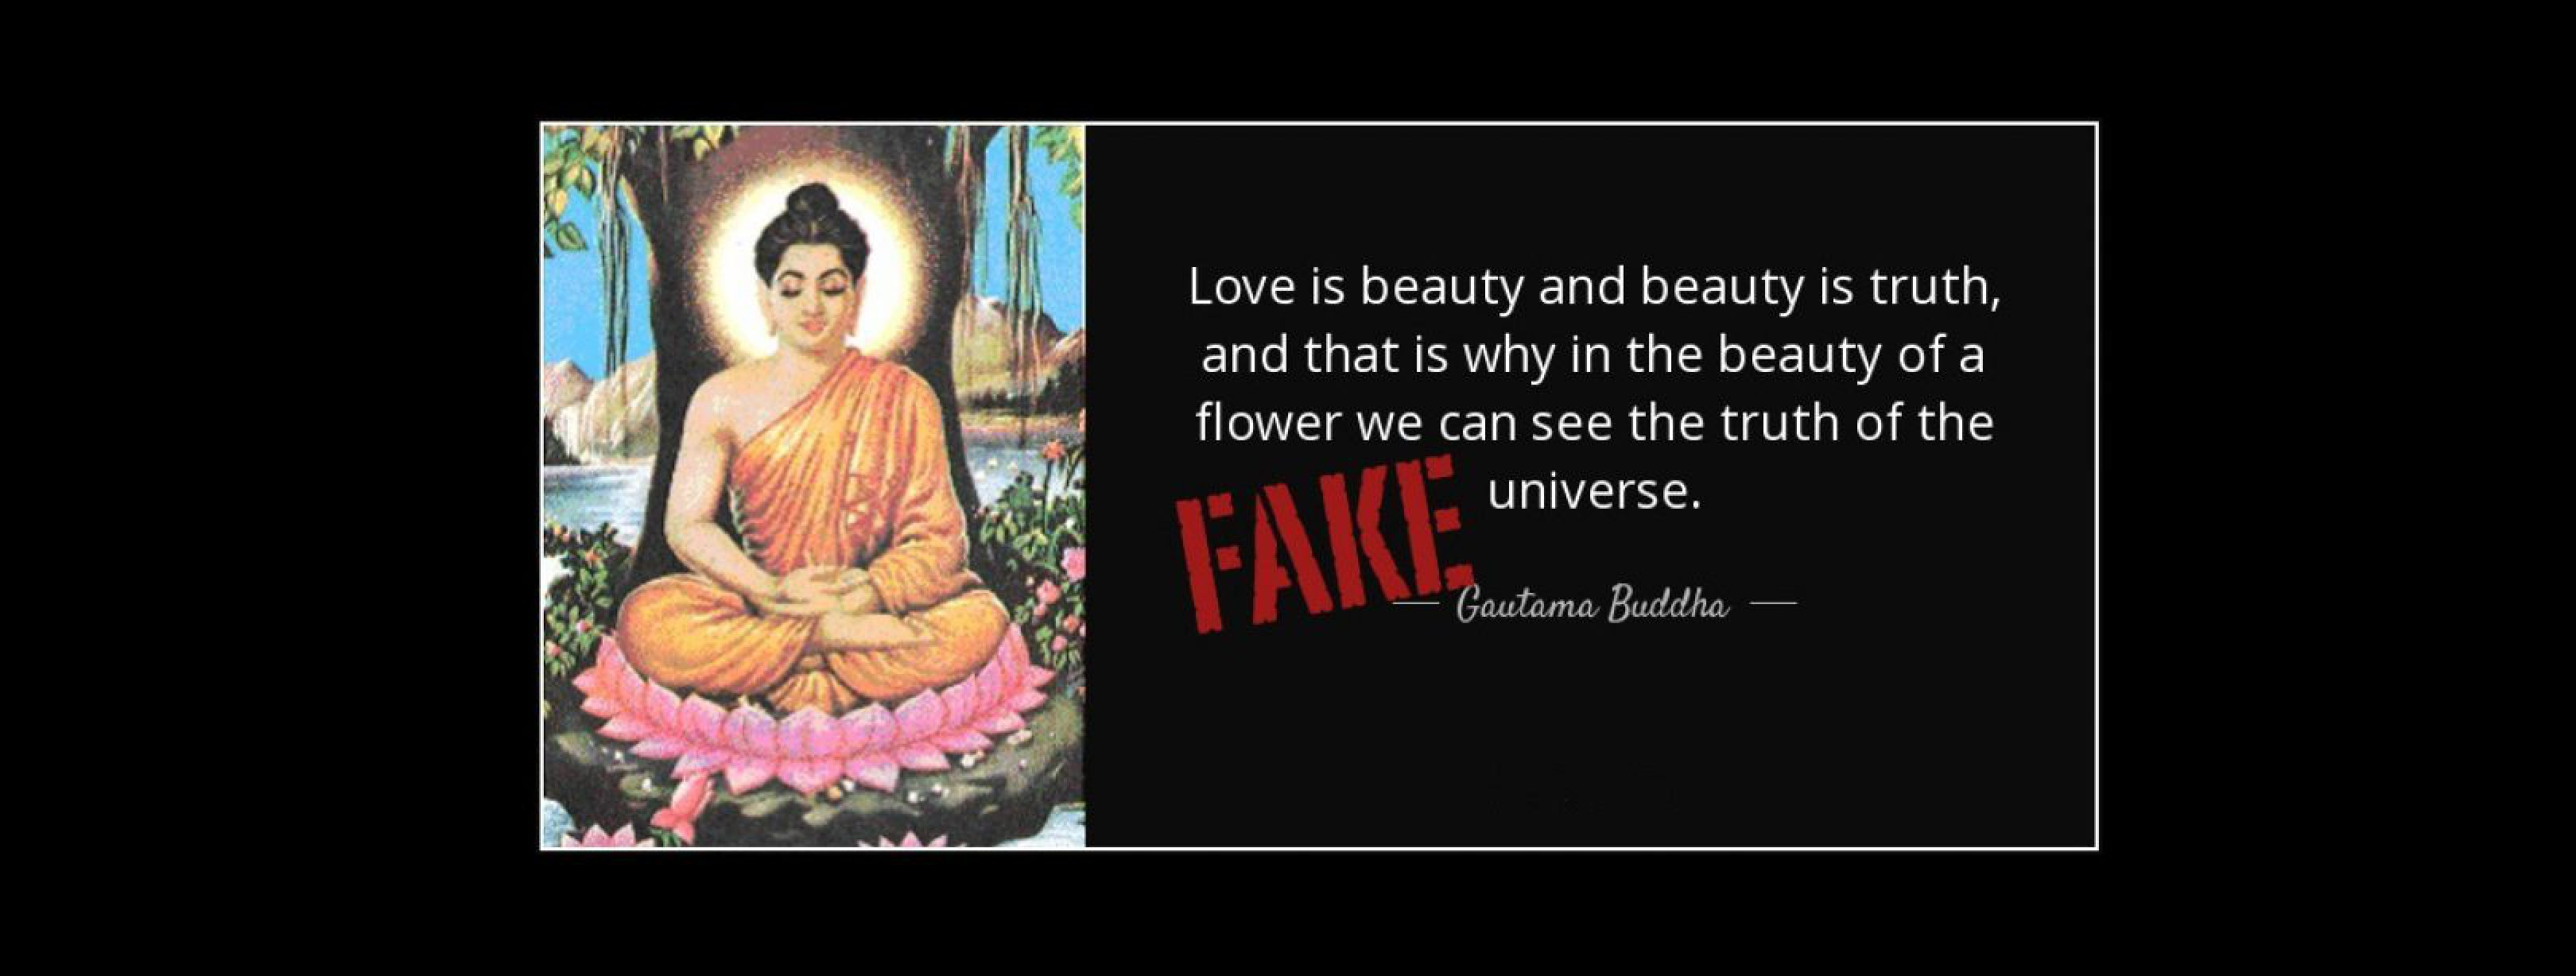 buddha quote 1400-2